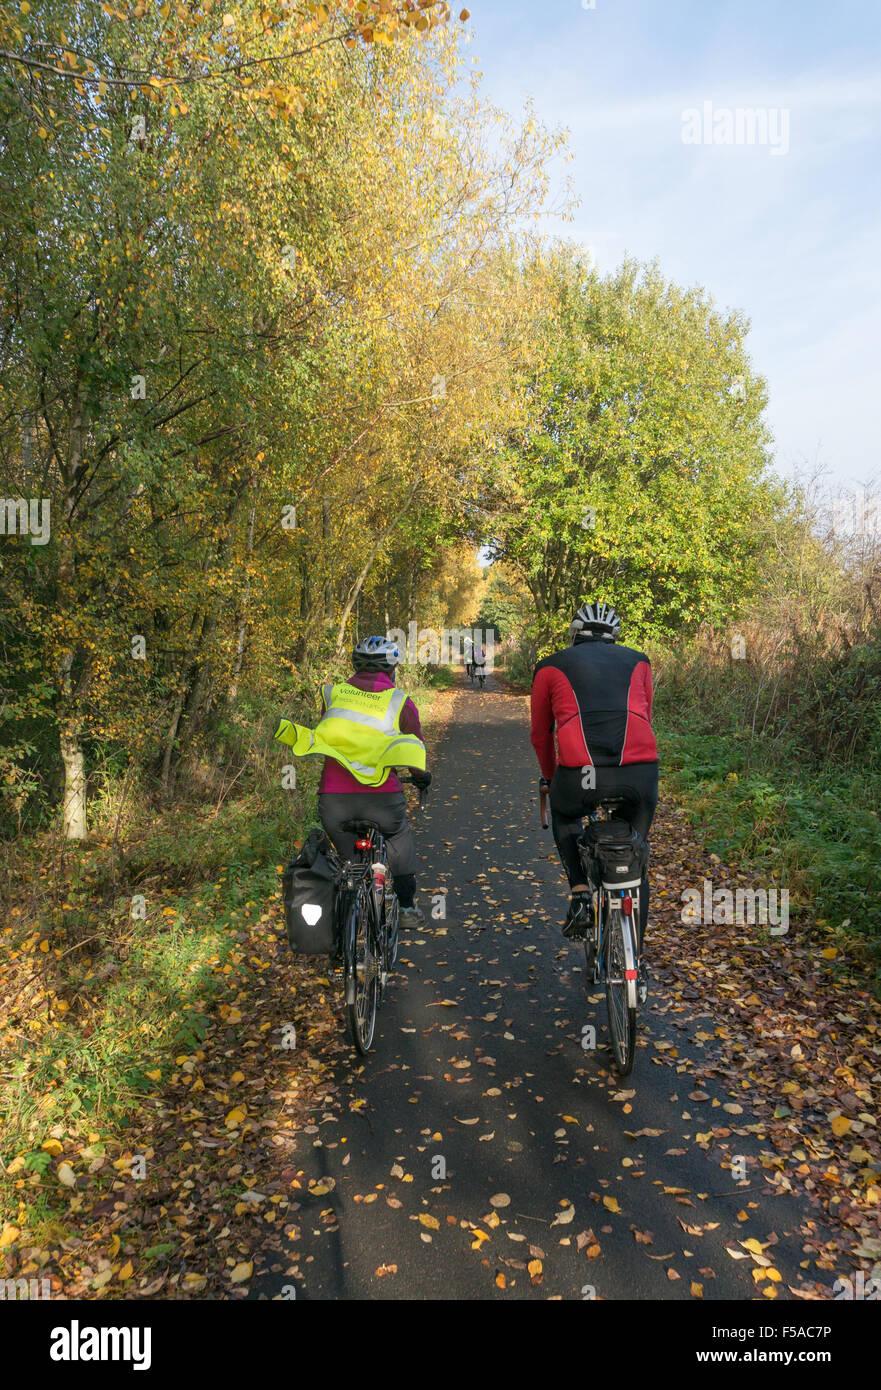 washington-uk-31st-october-2015-cyclists